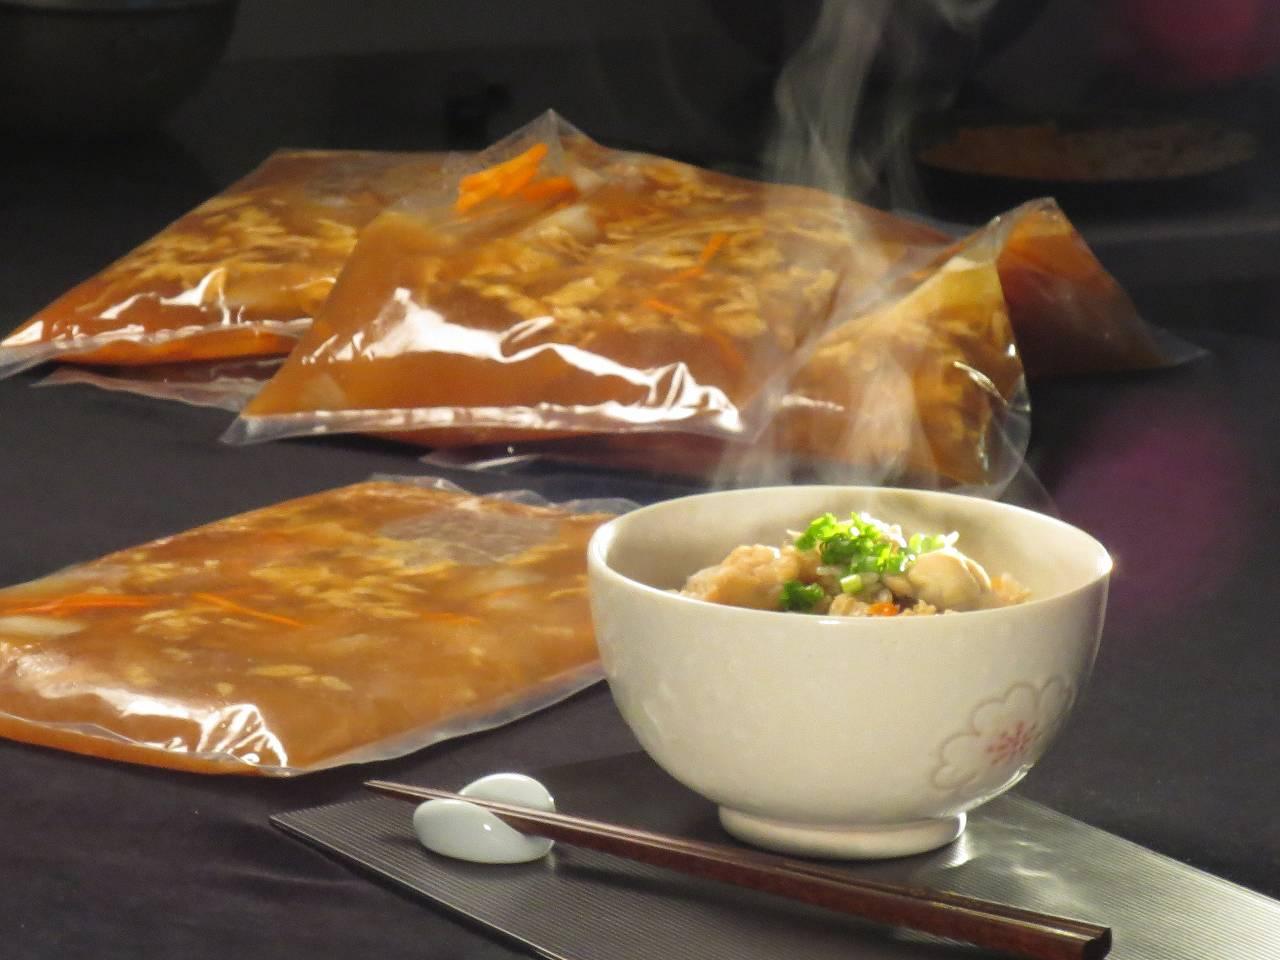 ふぐ炊き込みご飯の素・商品画像その1